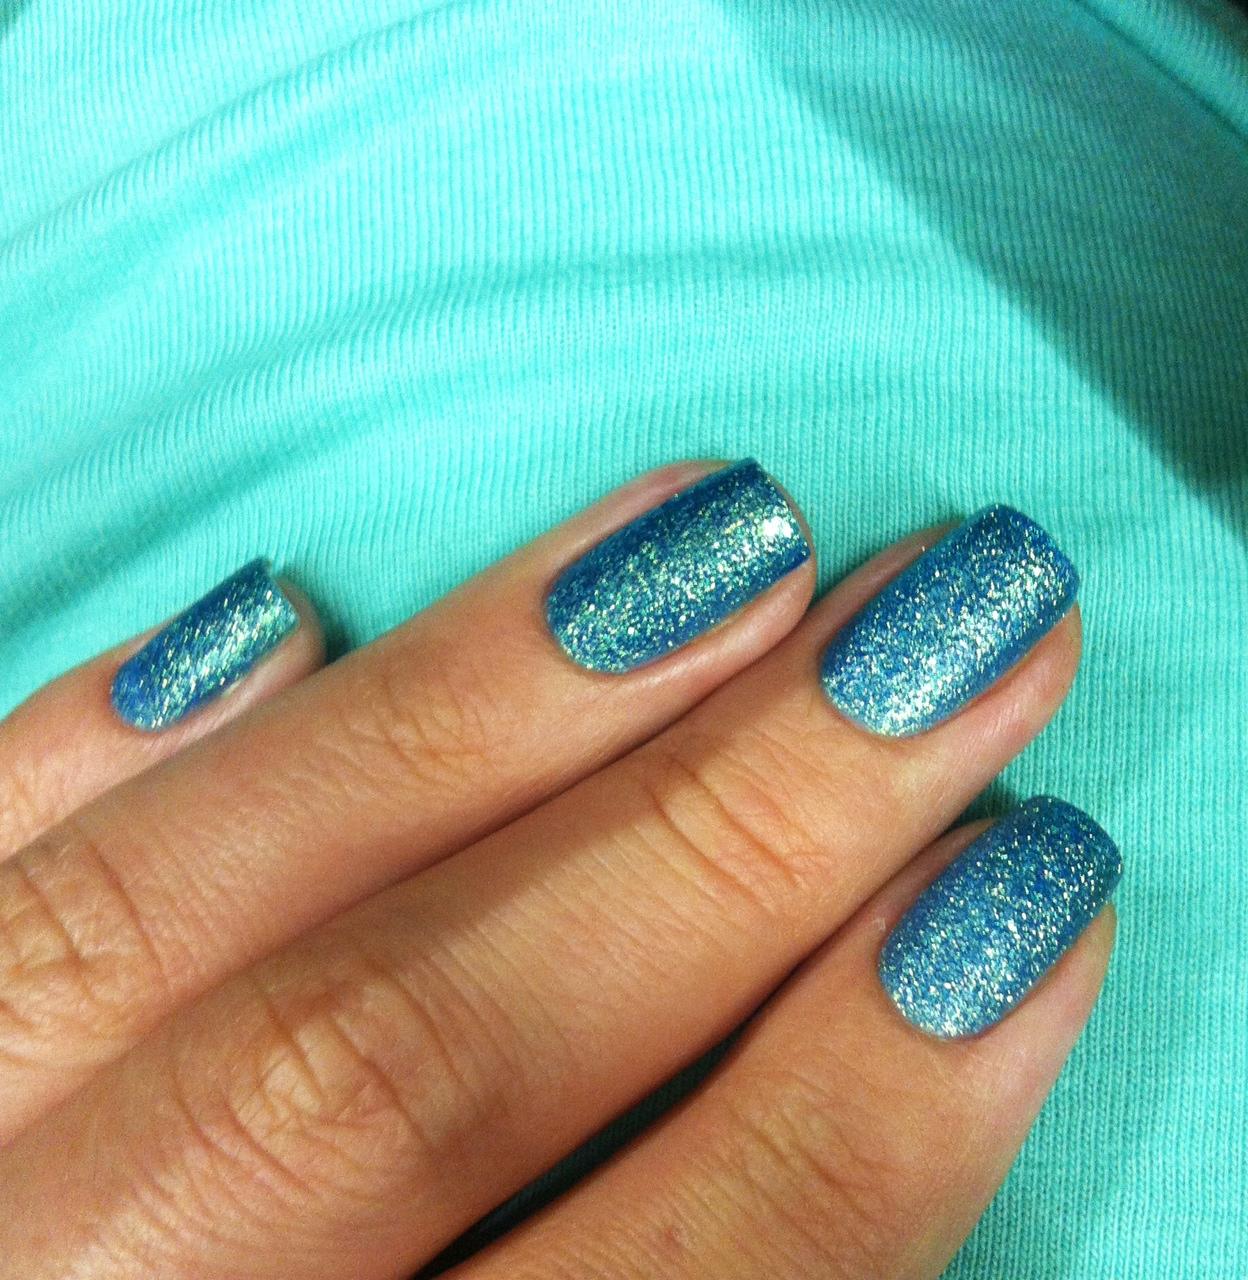 Какой лак для ногтей подойдет к синему платью фото